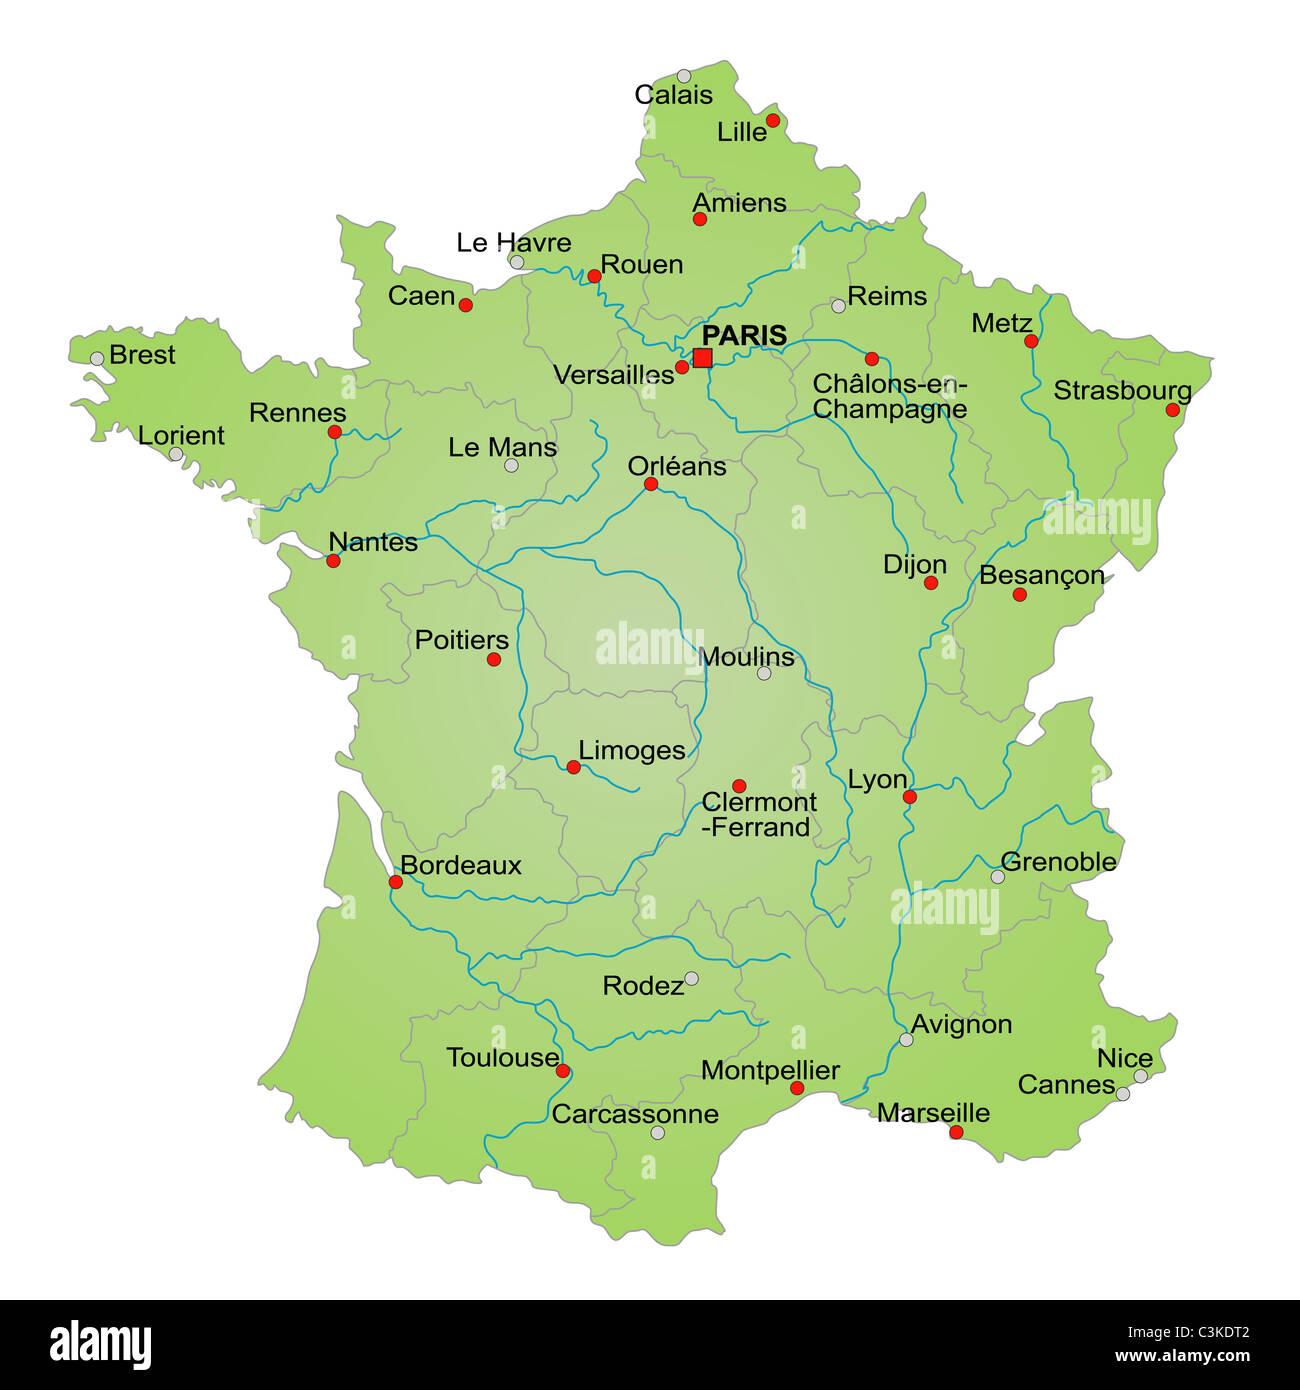 mapa de frança com os rios Mapa estilizado da França mostrando províncias, rios e cidades  mapa de frança com os rios